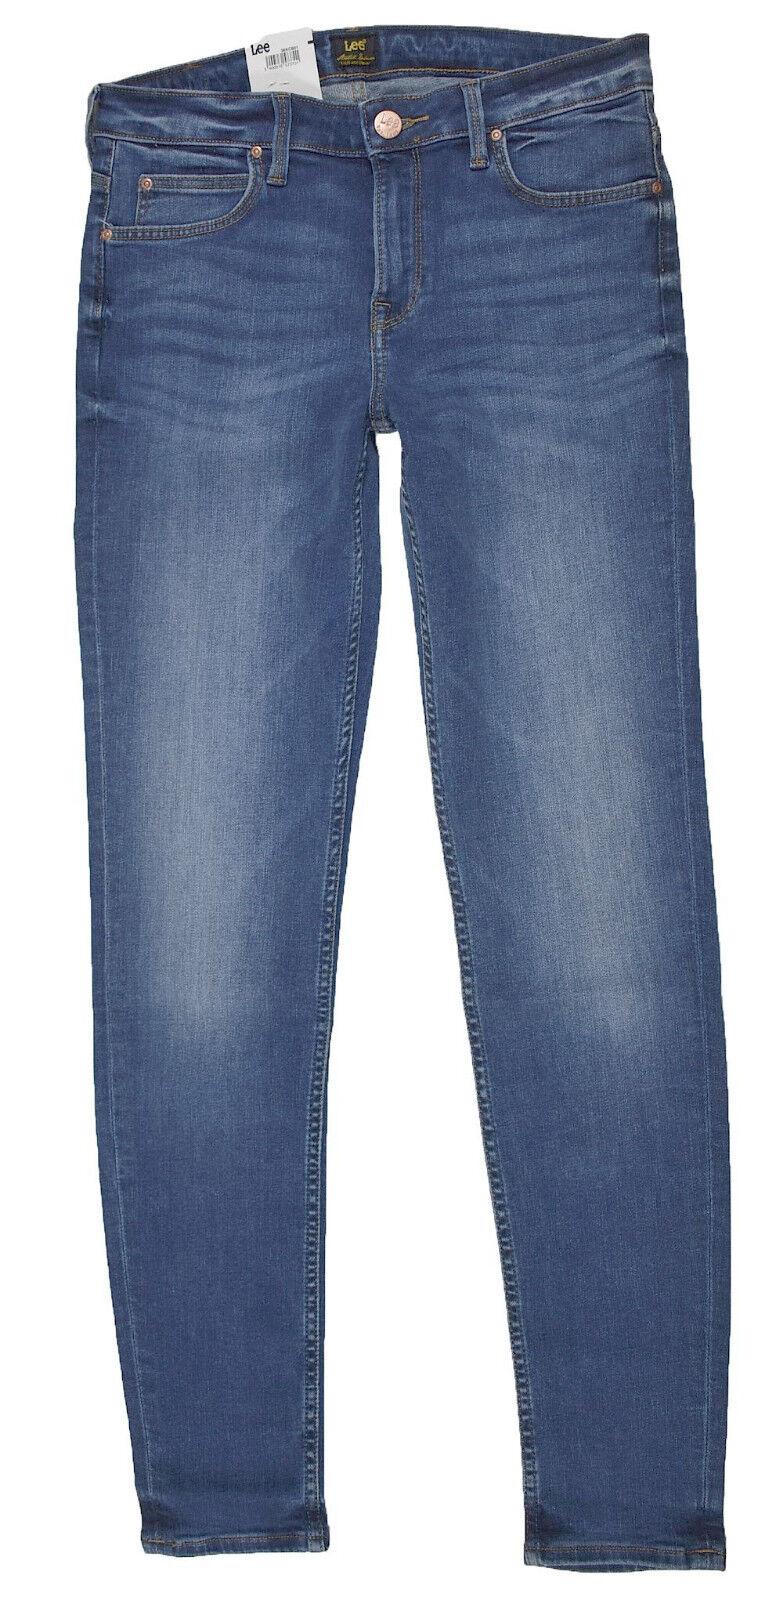 Lee Scarlett Skinny L526HAOE Damen Jeans Hose Lee Jeans Hosen sale 1-1151